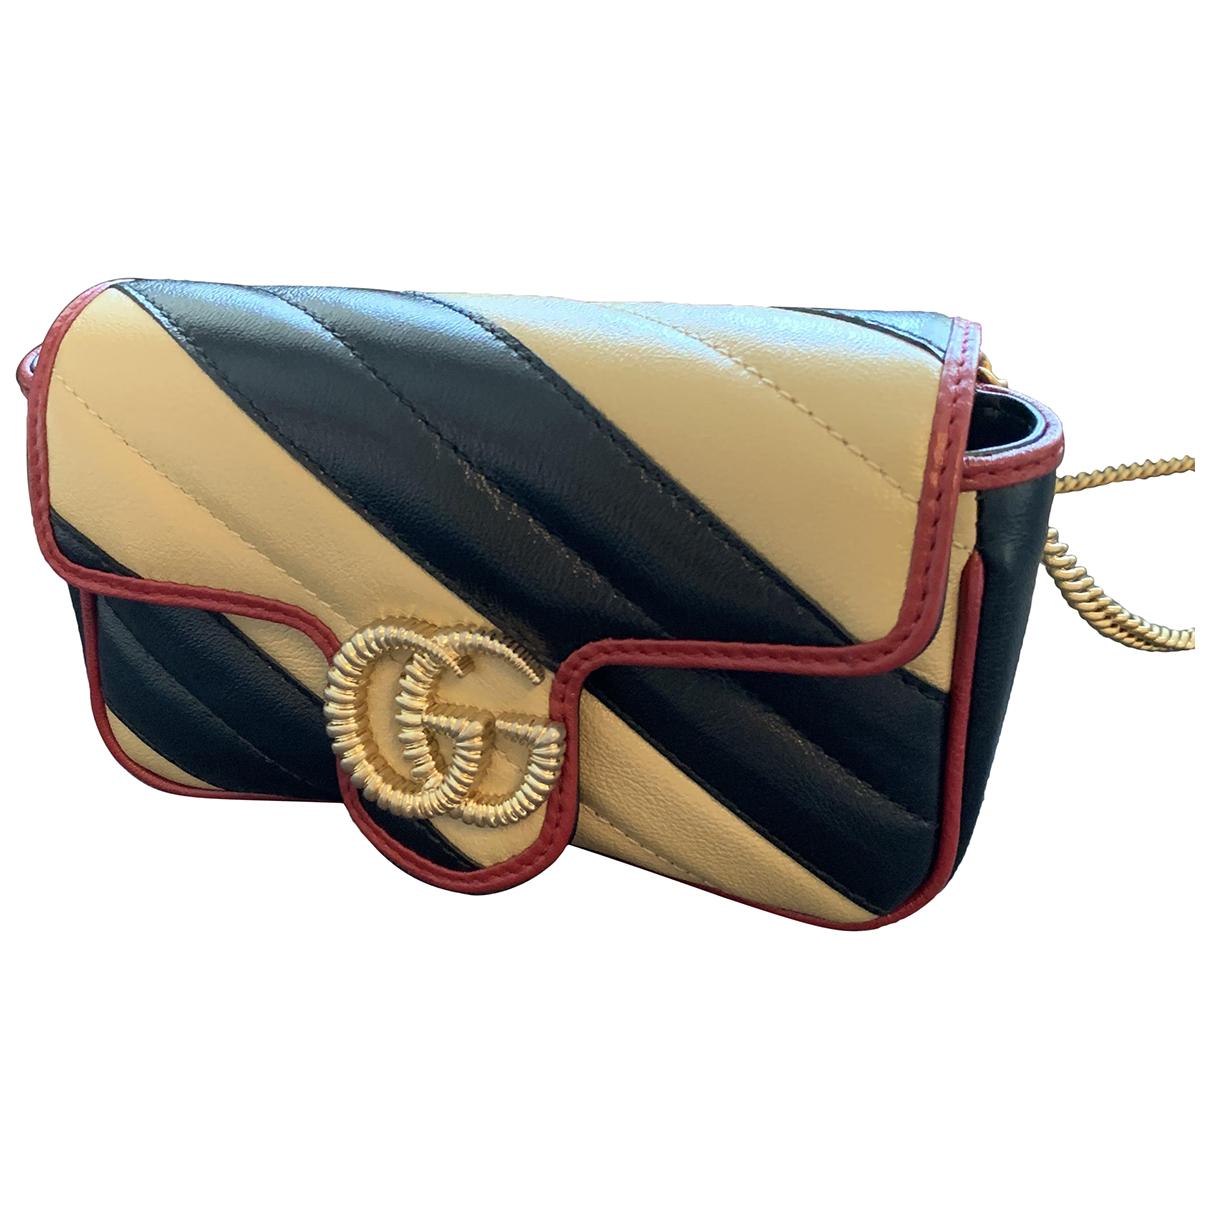 Gucci - Sac a main Marmont pour femme en cuir - beige